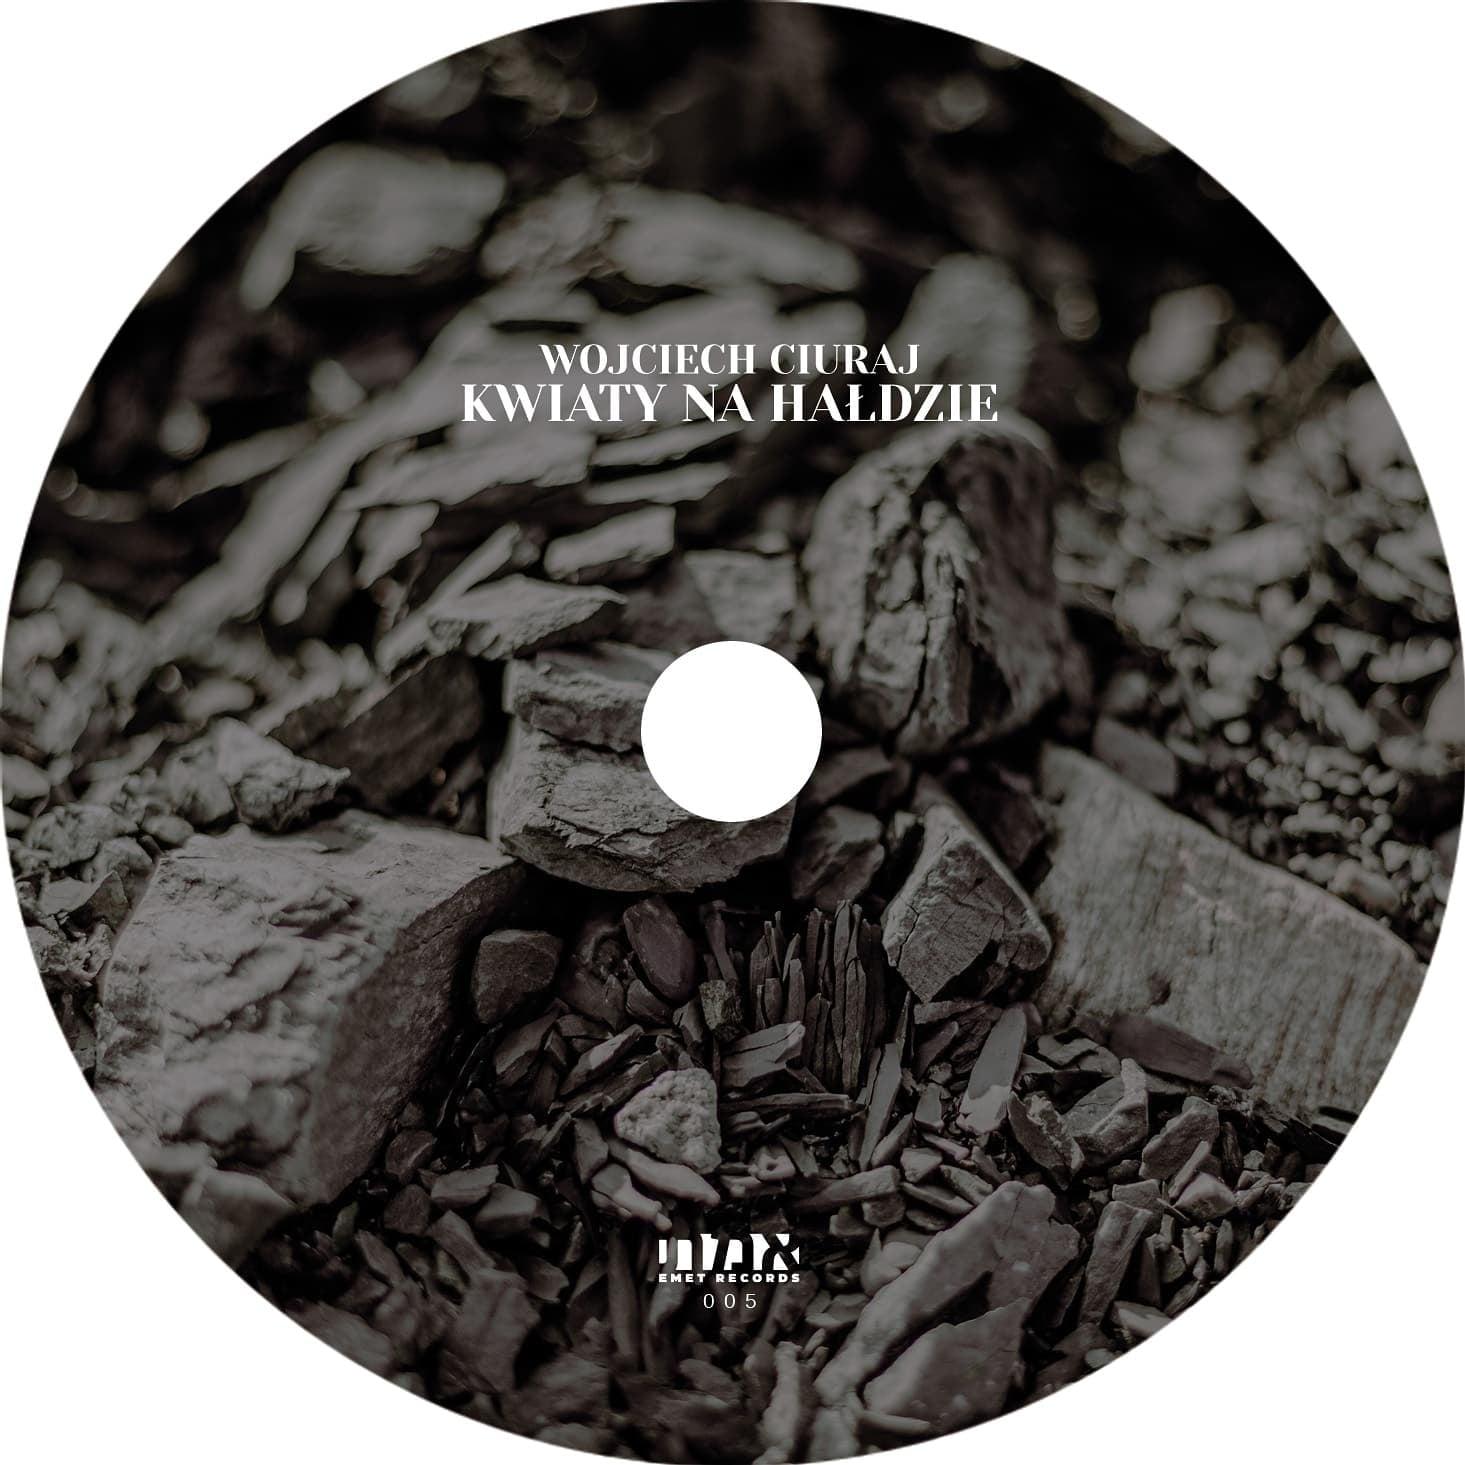 Wyjątkowa okazja, wyjątkowi goście, wyjątkowa płyta wieńcząca Tryptyk Śląski dostępna od soboty (15.05)! [fot. materiały artysty]